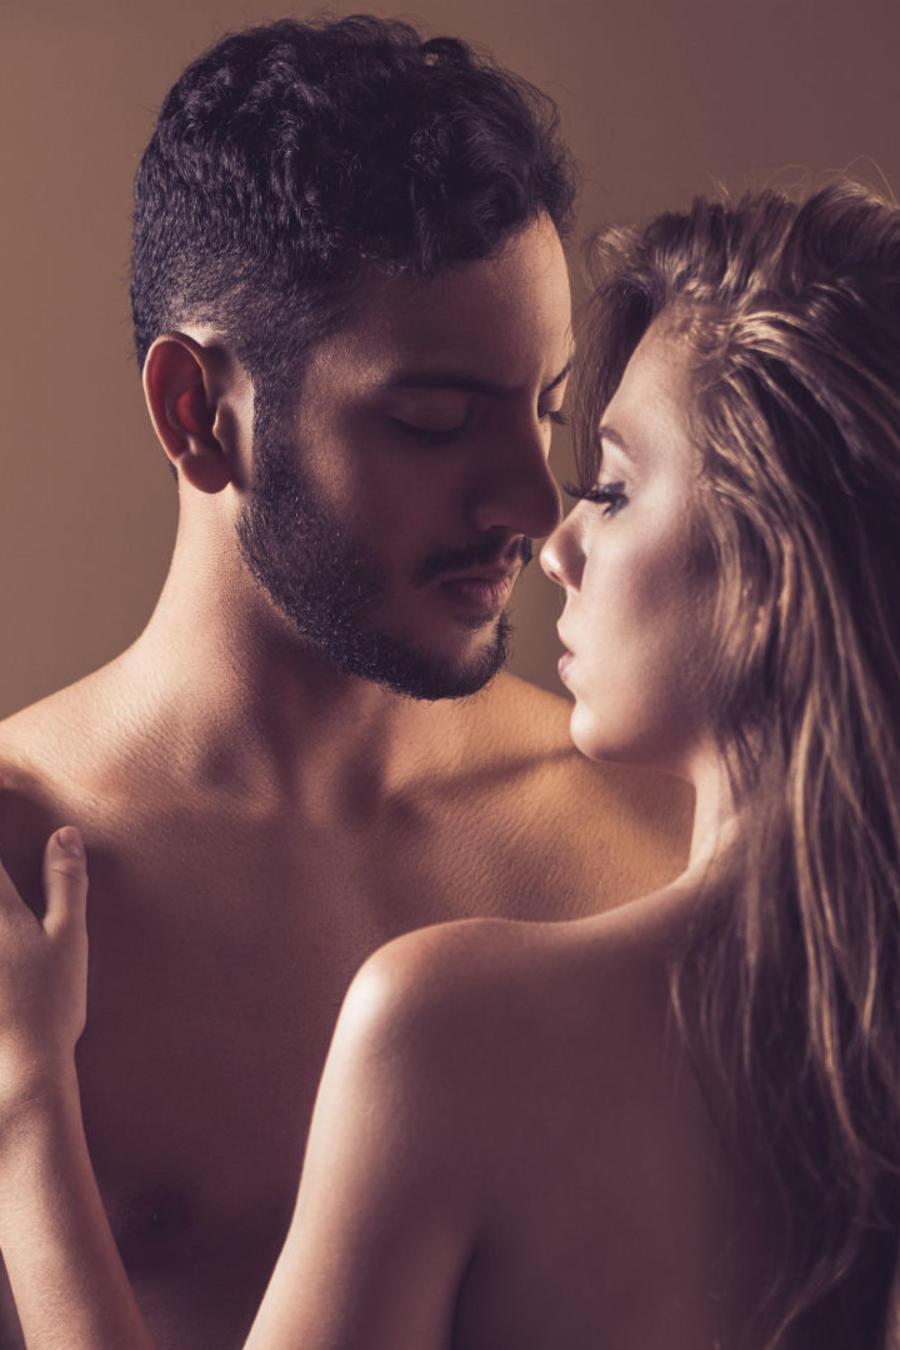 La sexóloga Belkis Carrillo nos explica cómo podemos tener una vida sexual plena